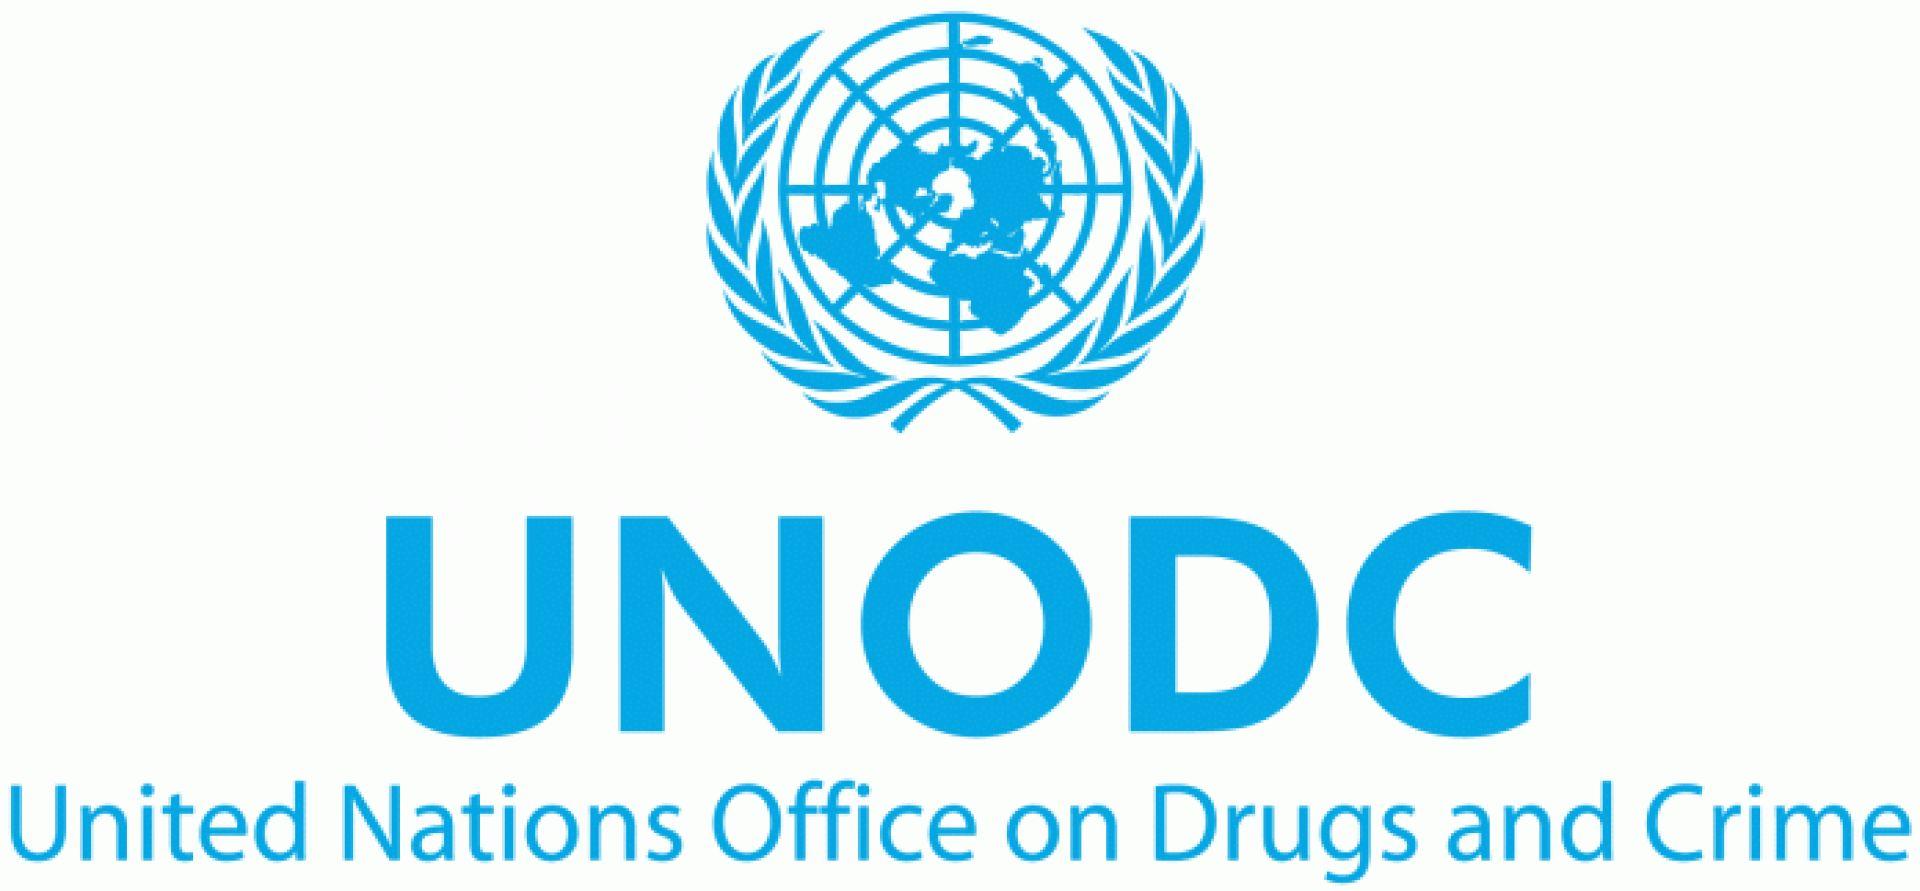 نگاهی به برنامه مشترک دفتر مقابله با مواد مخدر و جرم سازمان ملل متحد با ایران/ احسان حسین زاده